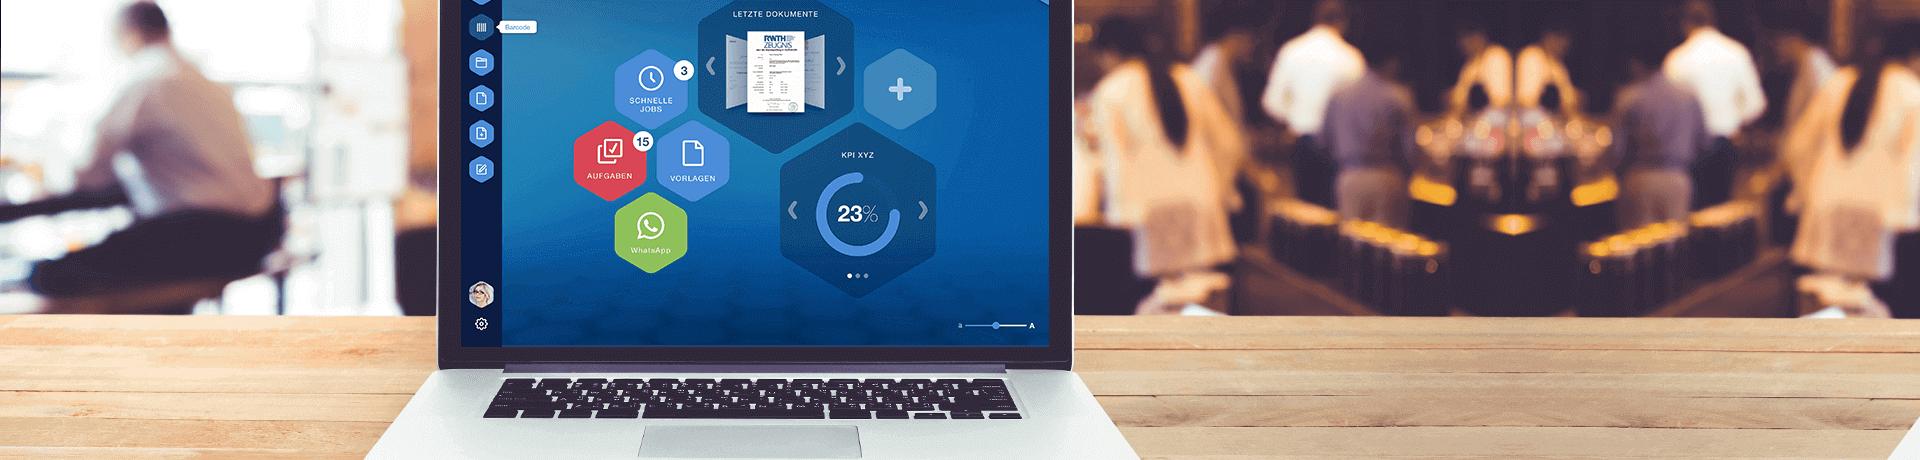 HR-Lösungen mit intuitiver Benutzeroberfläche